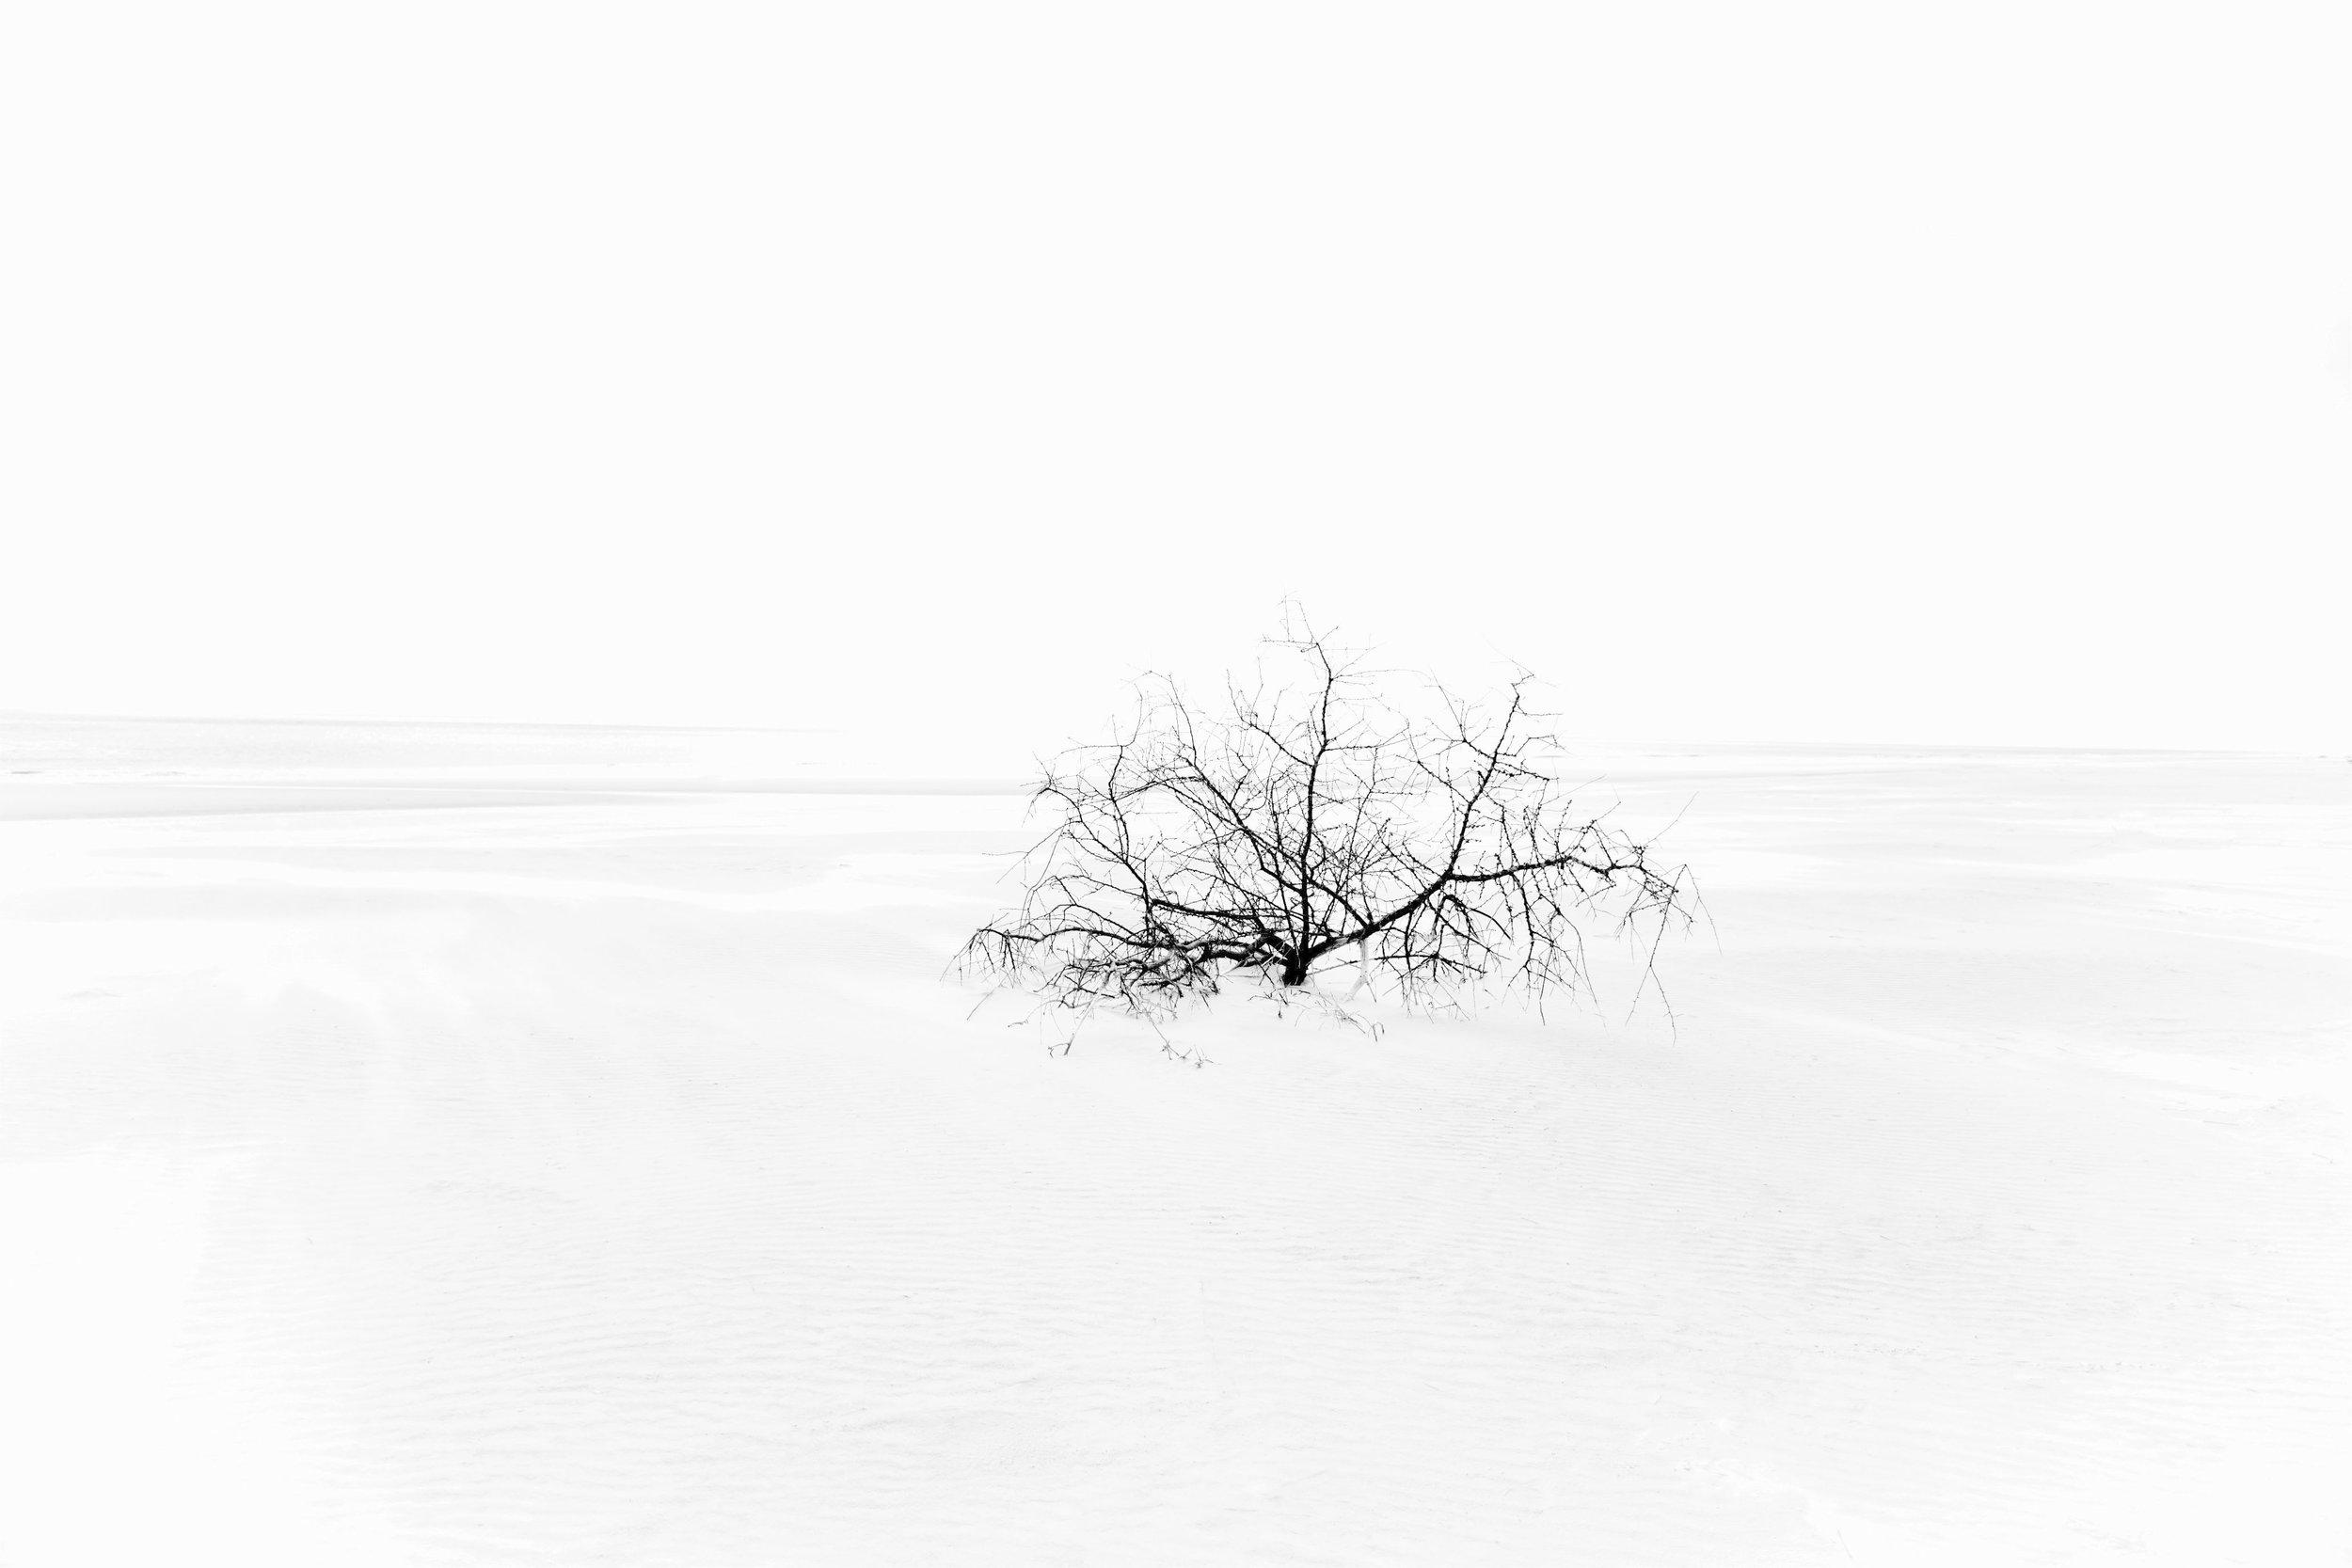 Anouk Masson Krantz  Sandstorm  print on bright white matte pigment paper